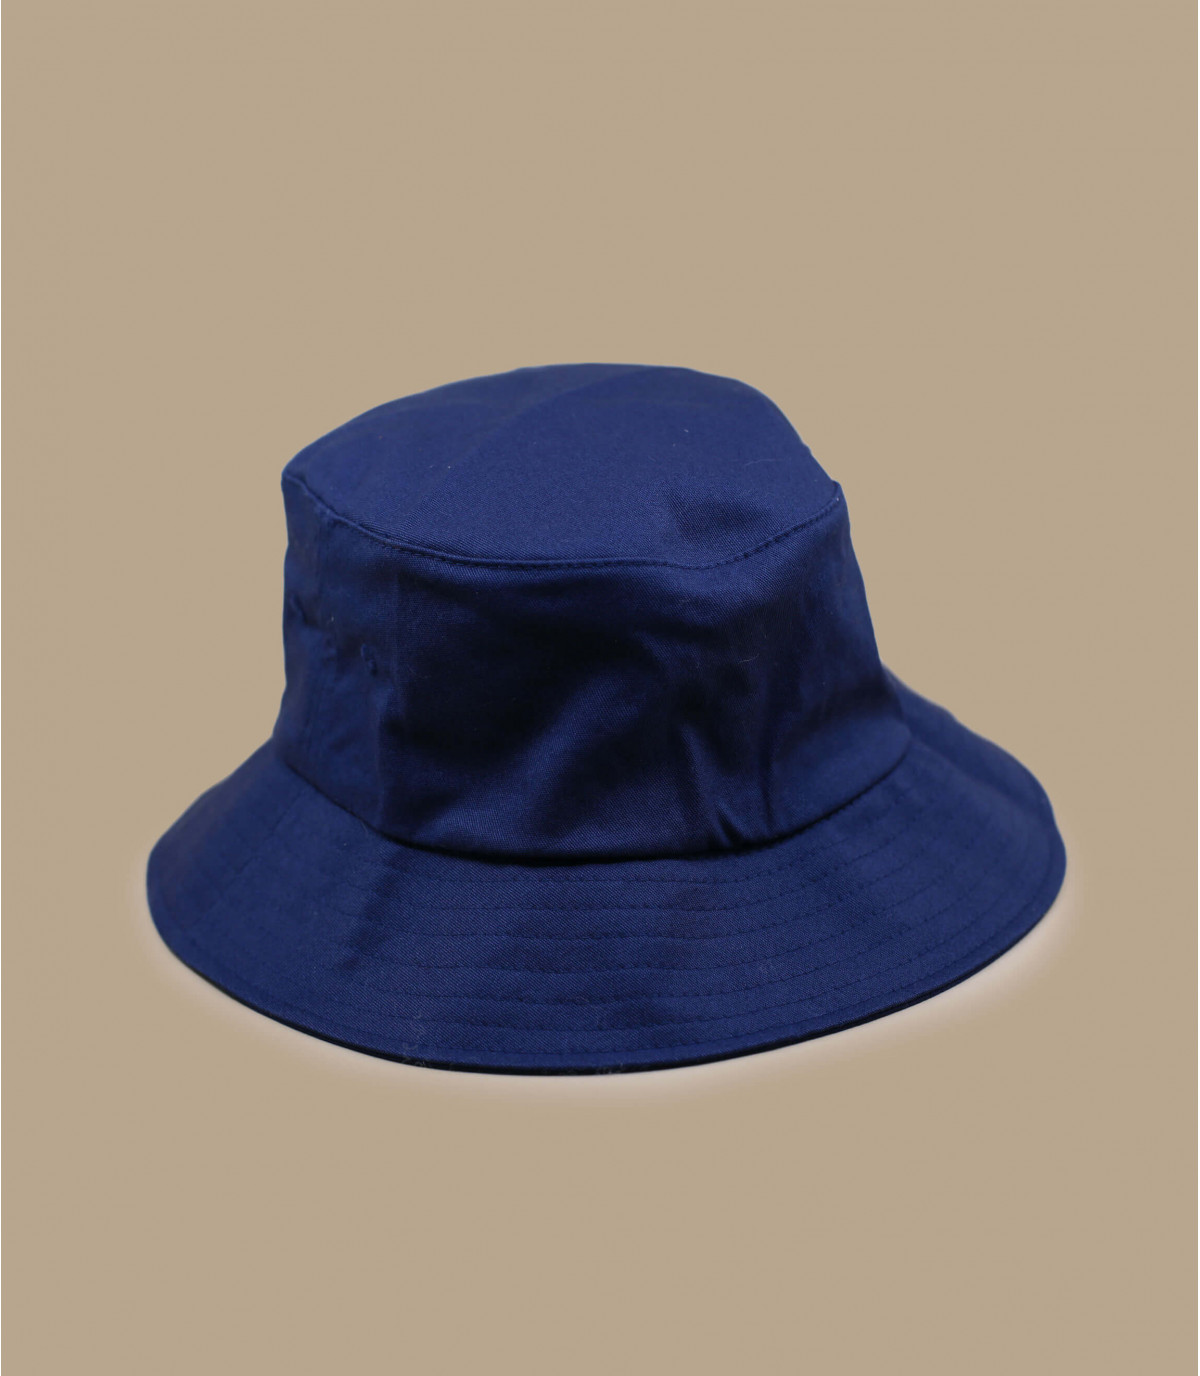 Bucker blue